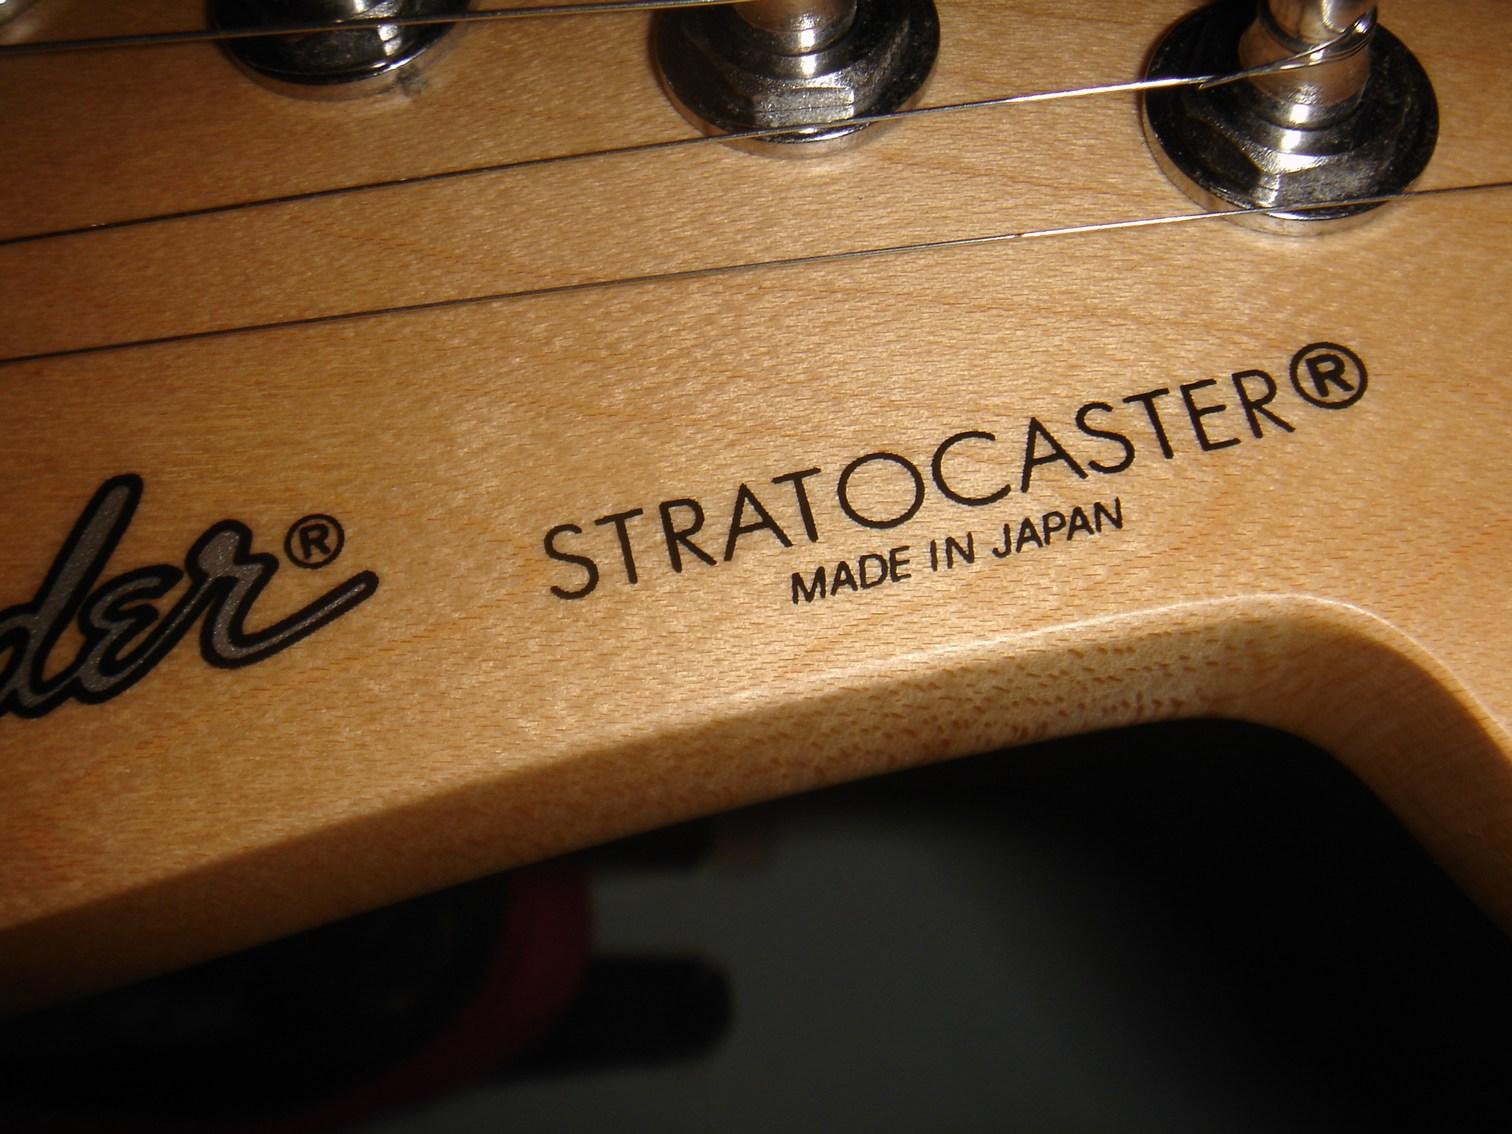 vintage 1993 made in japan fender stratocaster rosewood neck. Black Bedroom Furniture Sets. Home Design Ideas